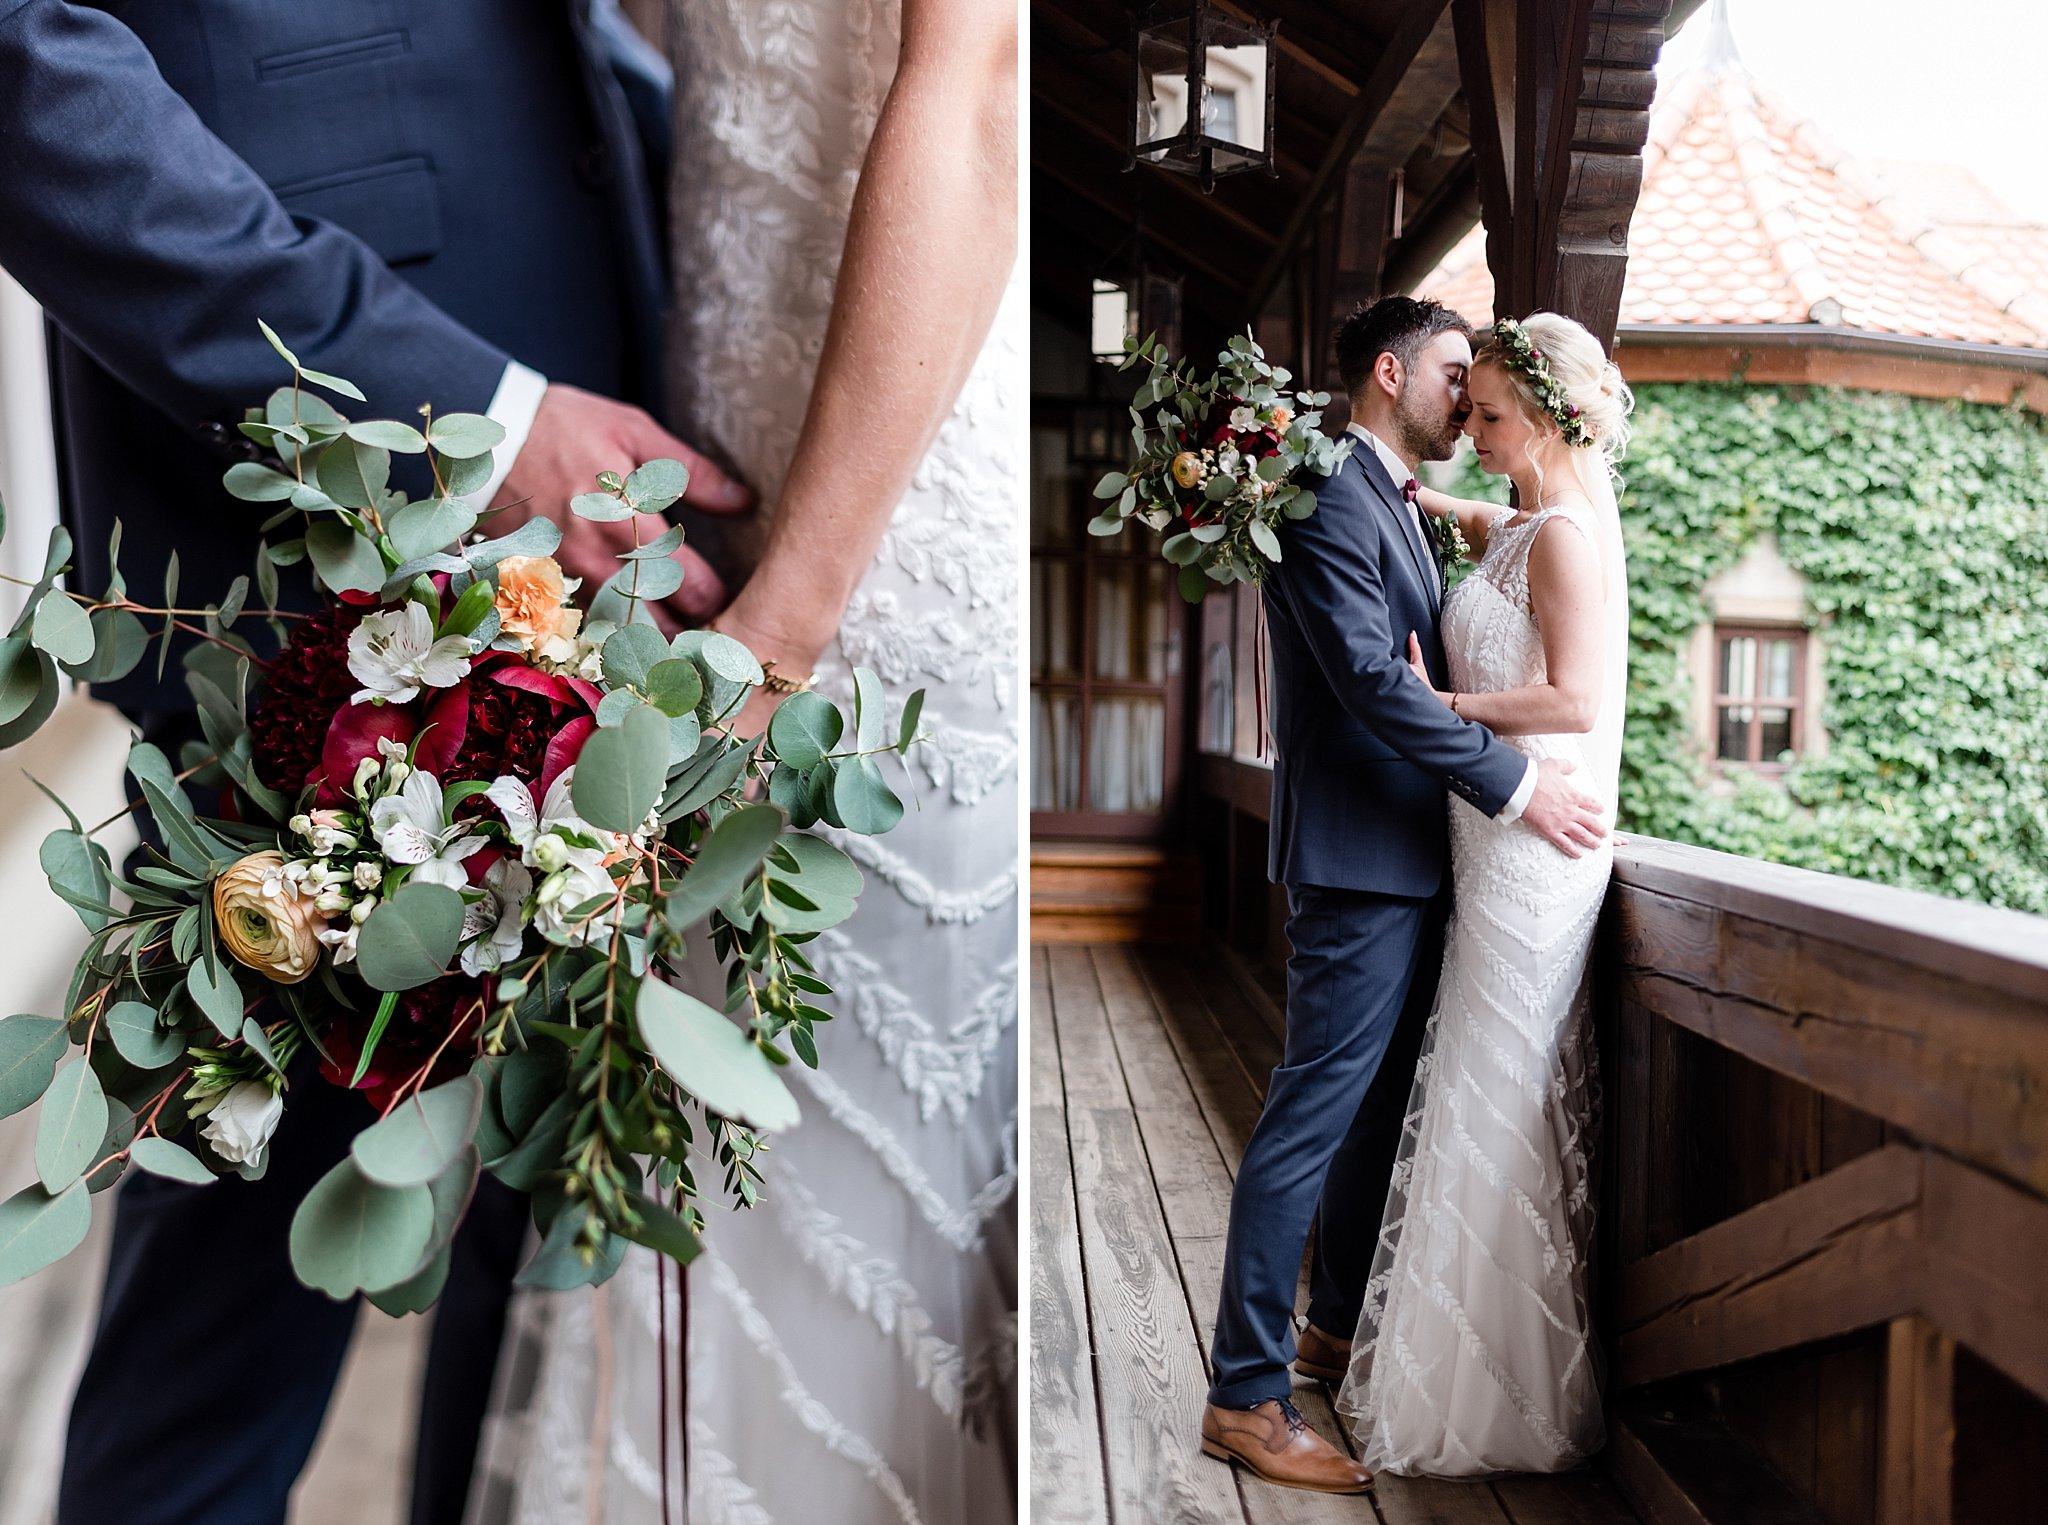 Hochzeit-von-Marina-Dominik-auf-Burg-Wernberg-und-Schloss-Friedrichsburg-00104